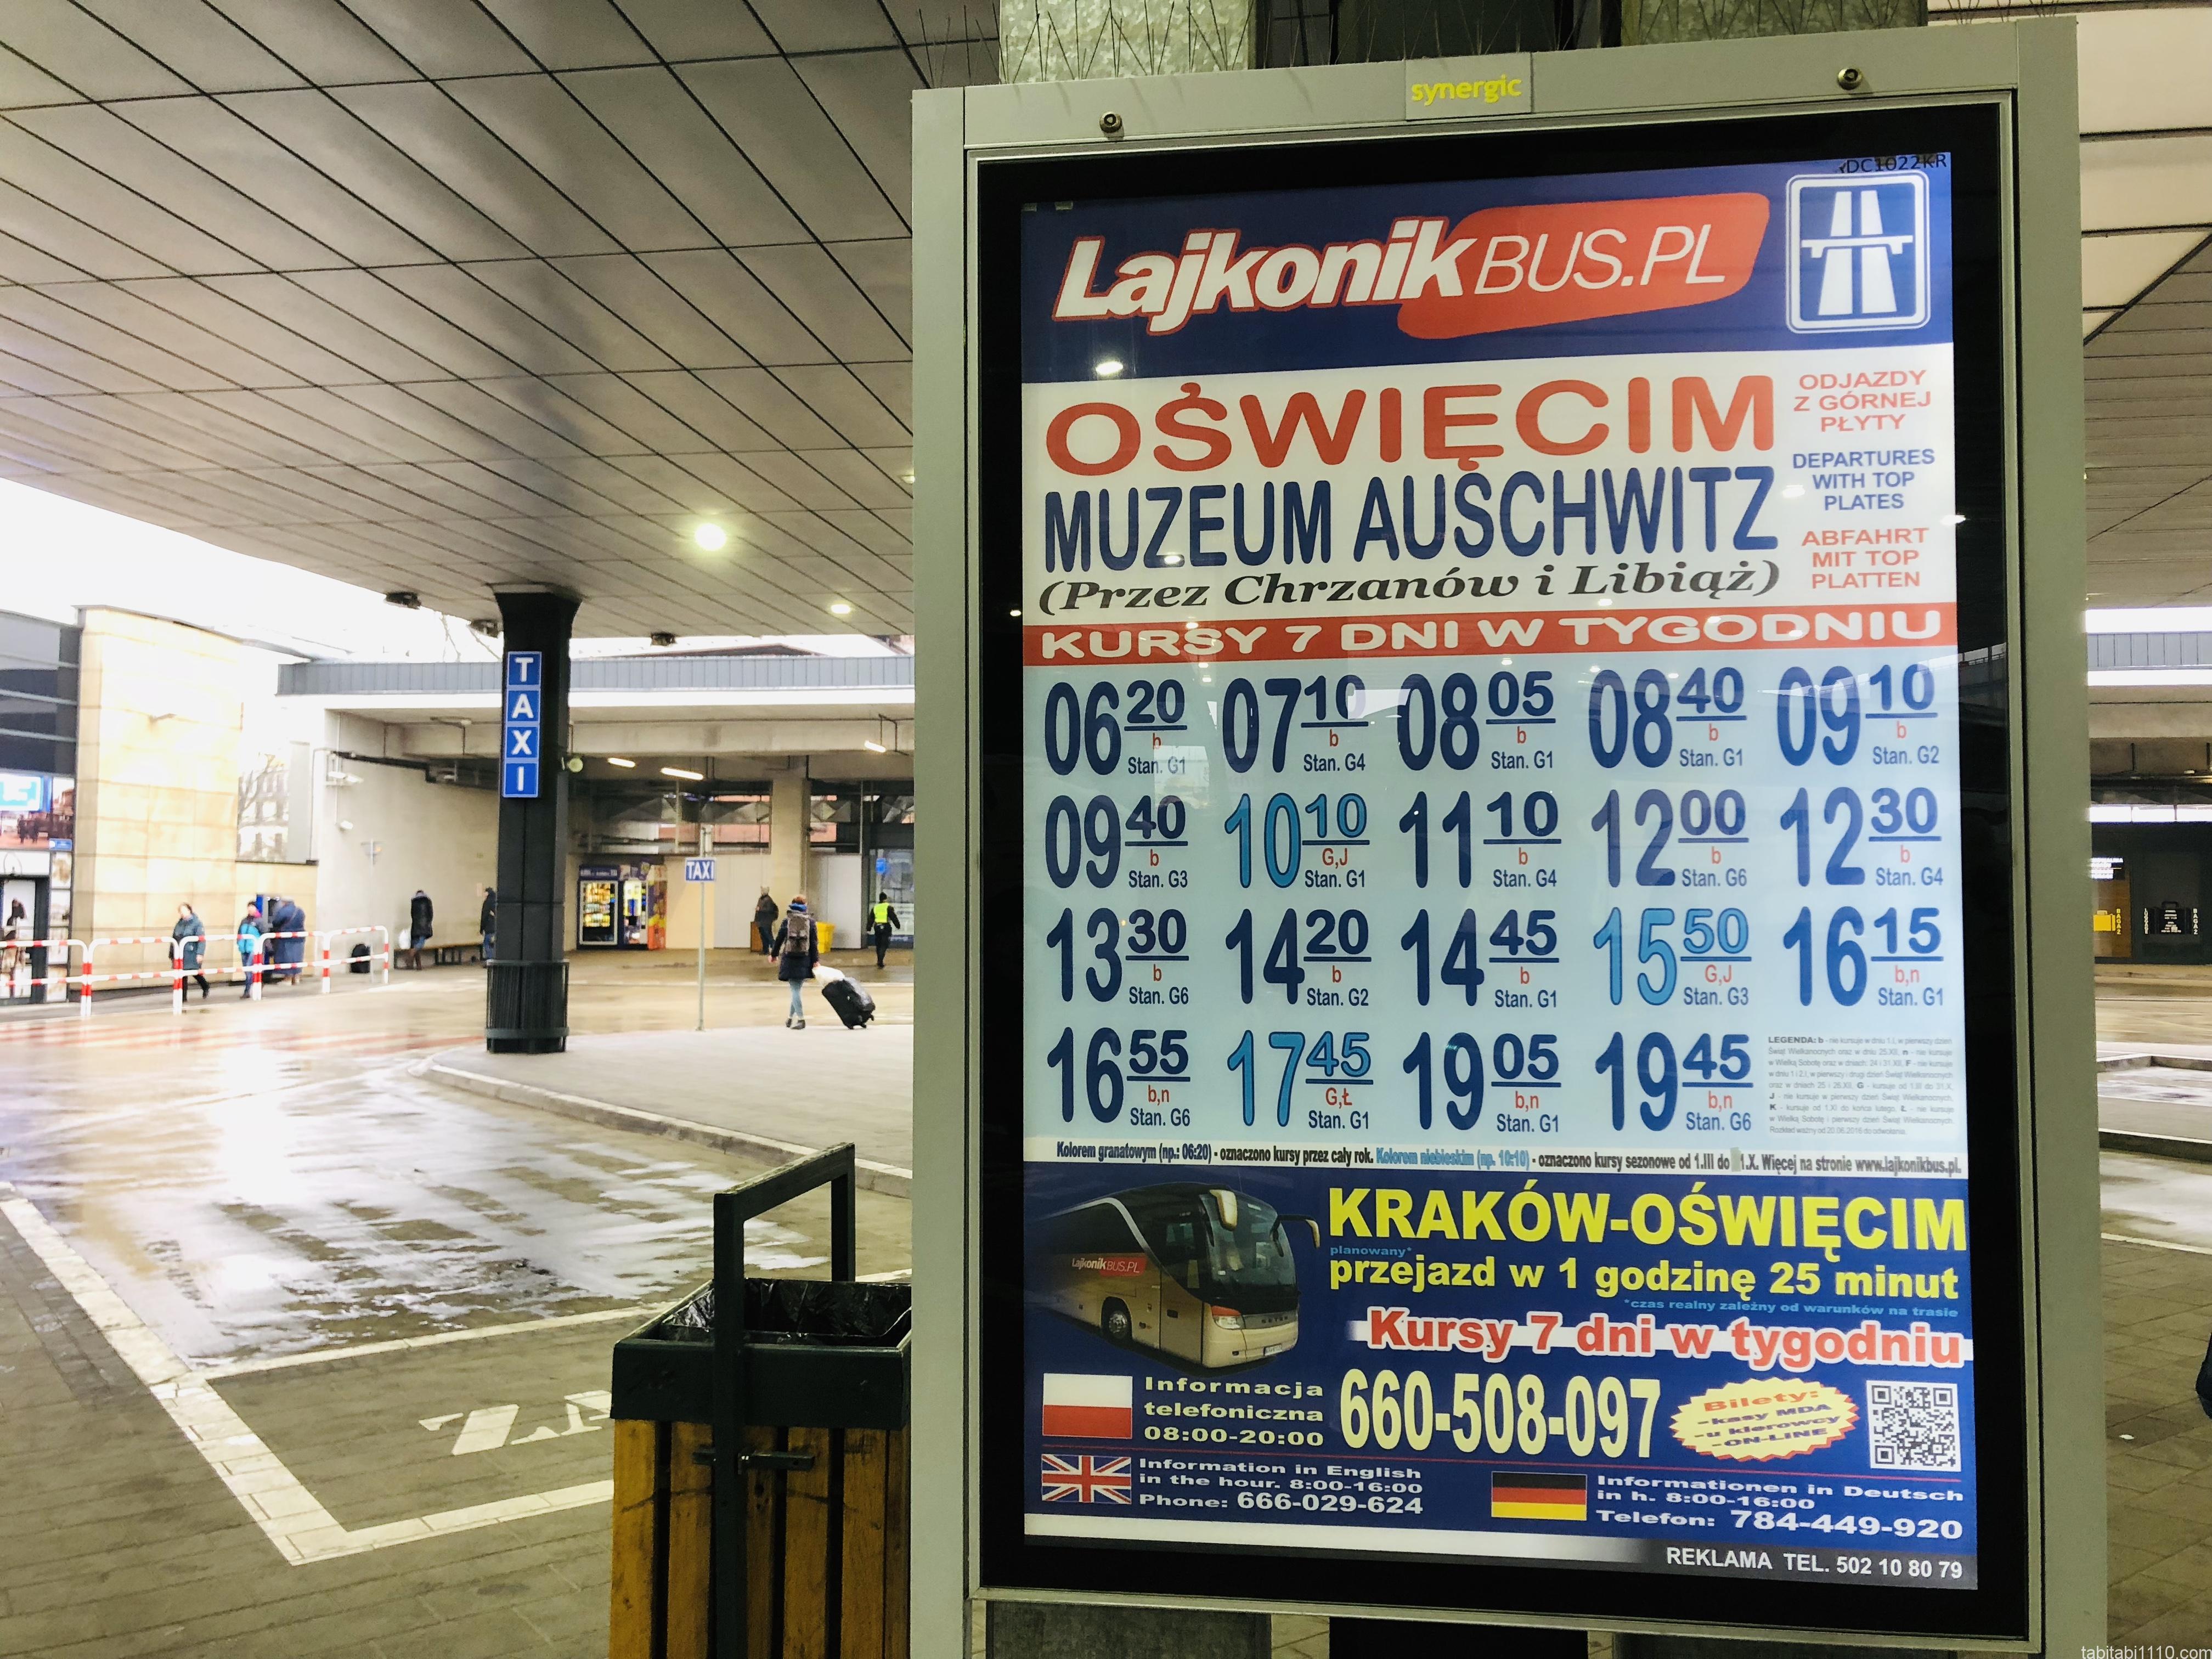 アウシュビッツ行きバス時刻表